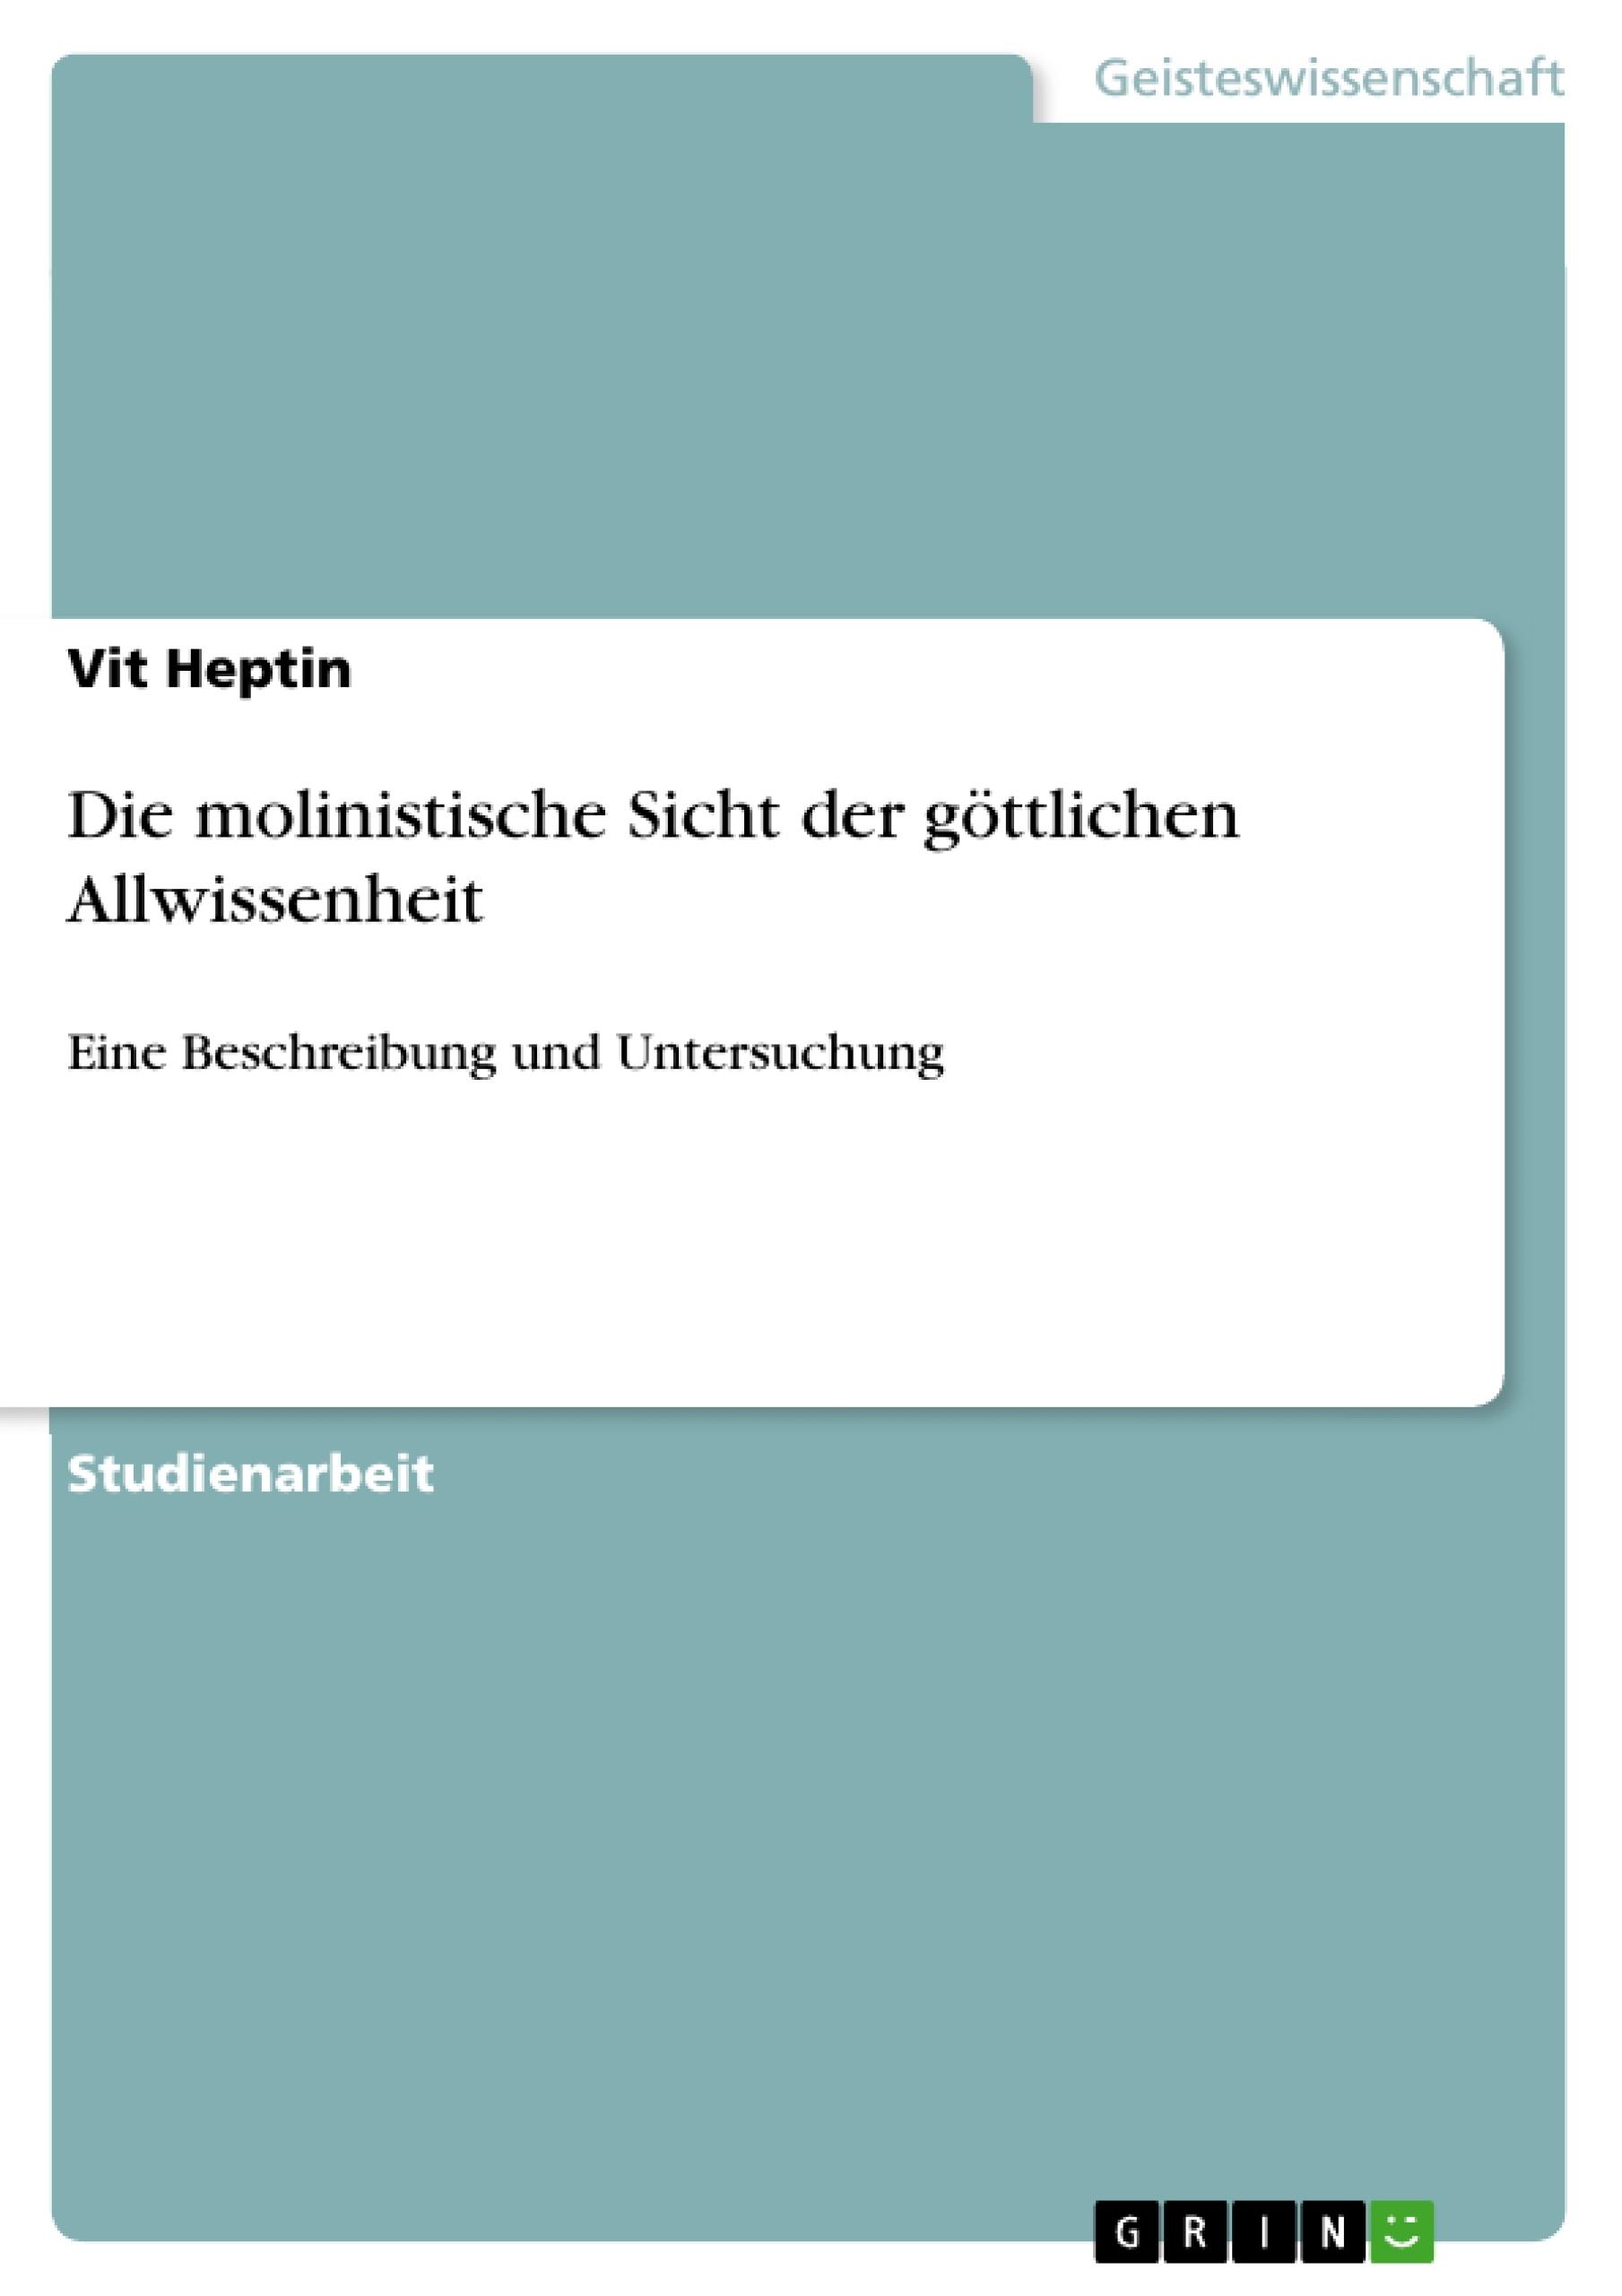 Titel: Die molinistische Sicht der göttlichen Allwissenheit